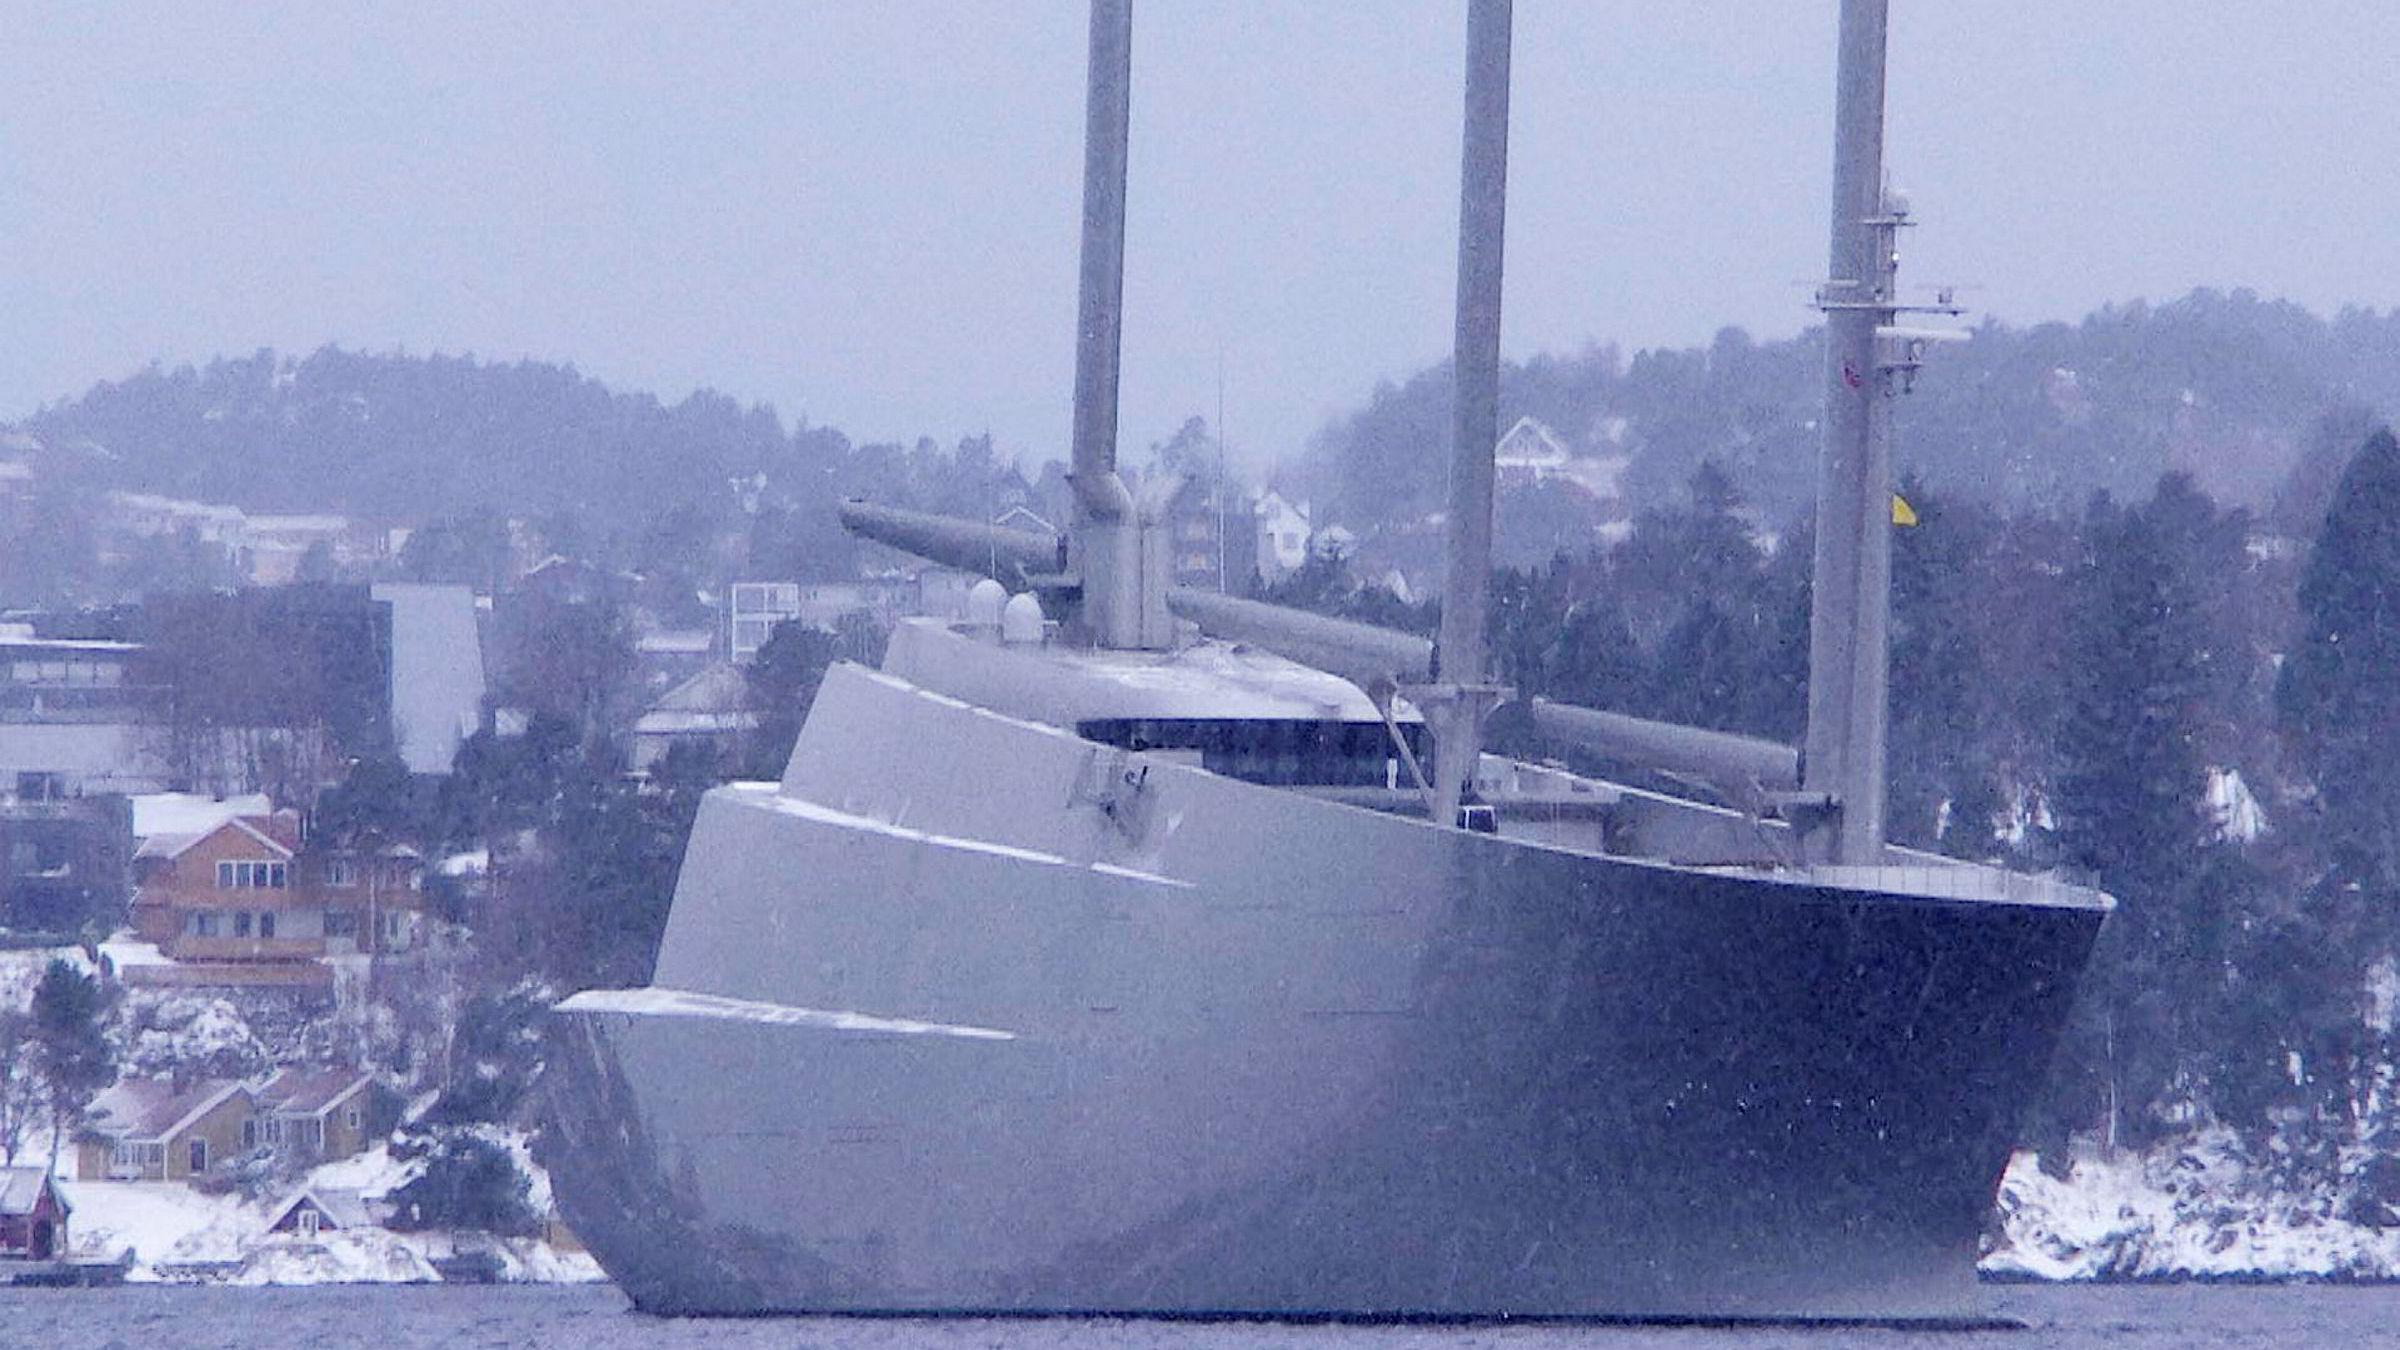 Den russiske oligarken Andrej Melnitsjenko sparer omlag 700 millioner kroner i tysk moms ved å seile innom Kristiansand på veien fra verftet i Tyskland.